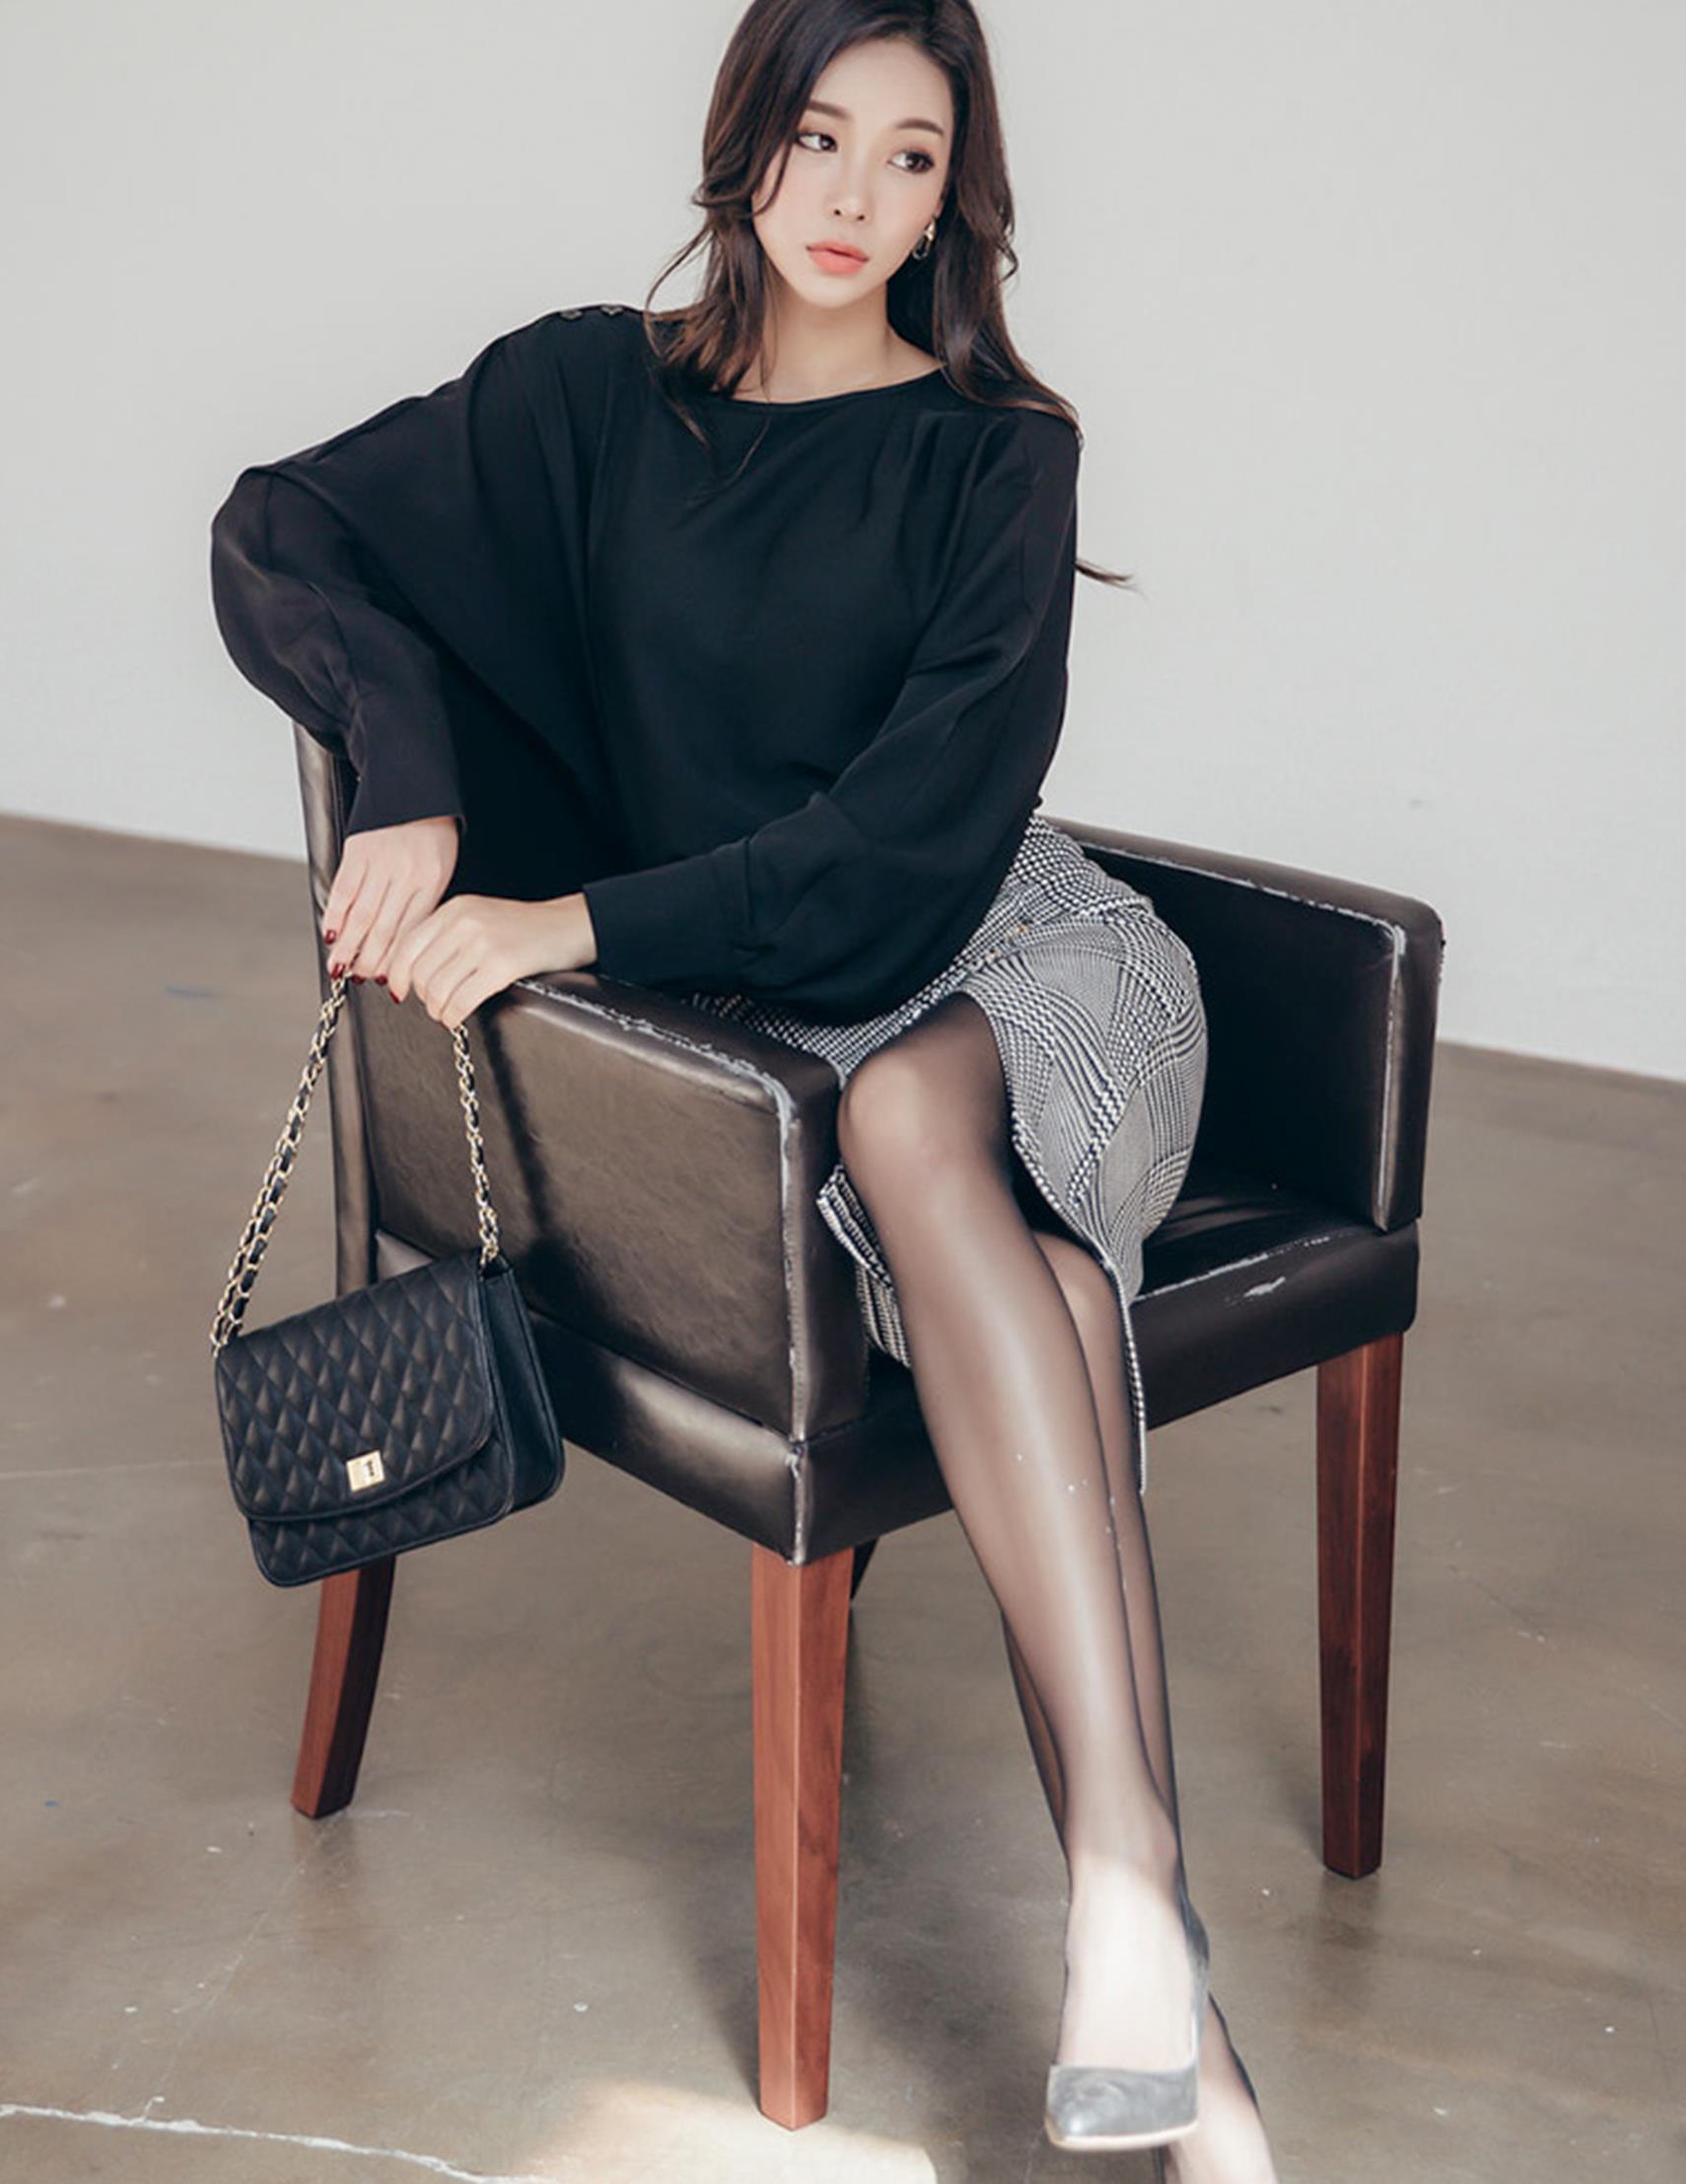 灰色的高腰裙,搭配黑色休闲长裙上衣,端正大气